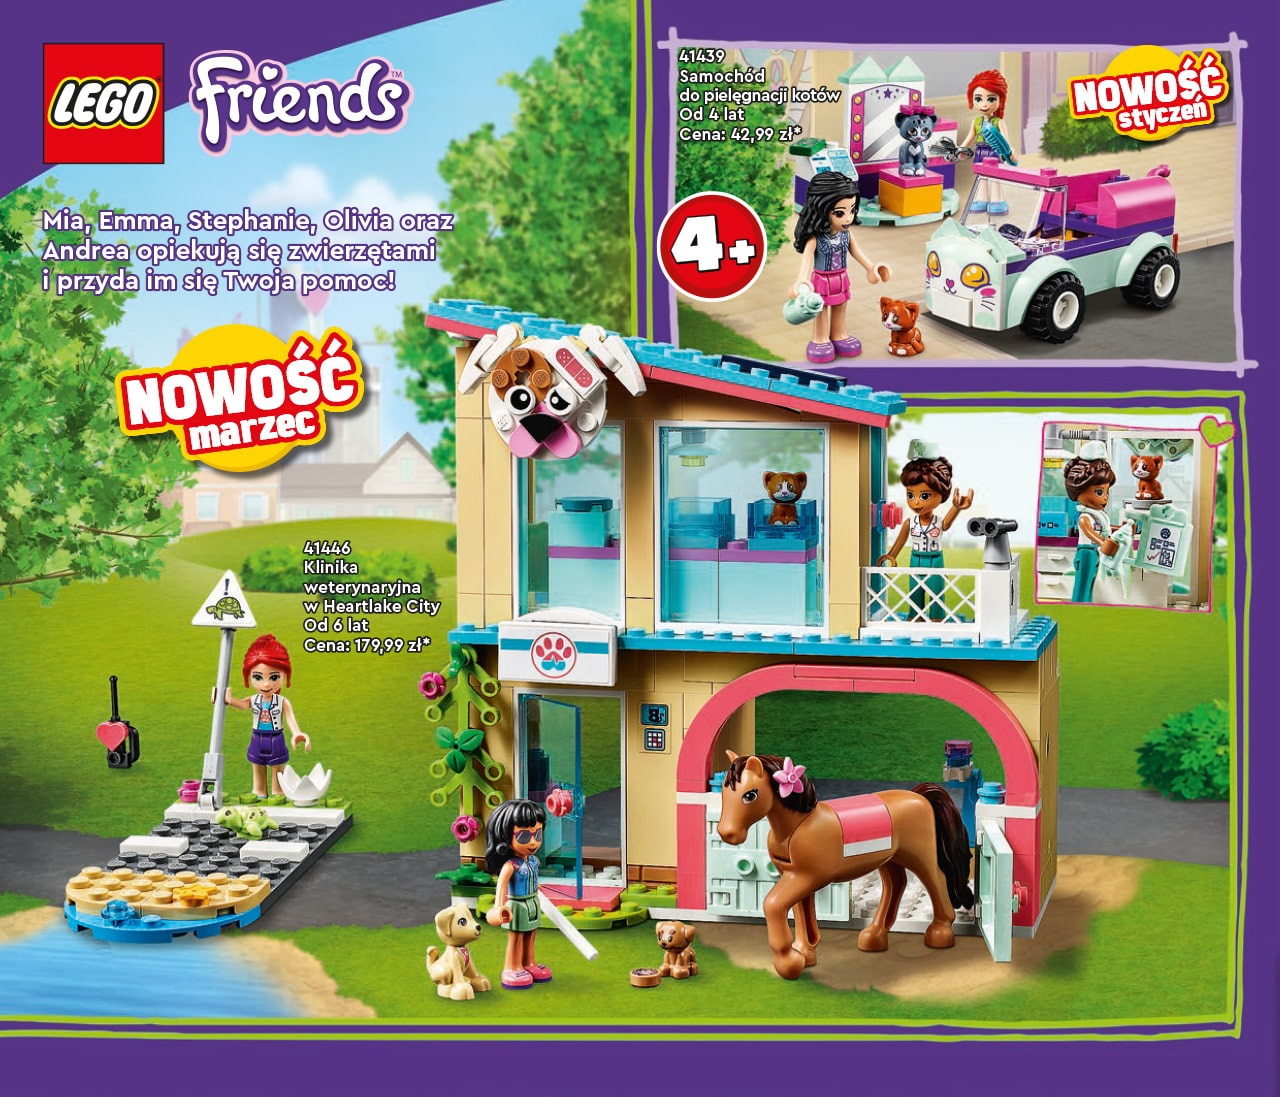 Katalog LEGO styczeń-maj 2021 - wersja polska - 36 - LEGO Friends